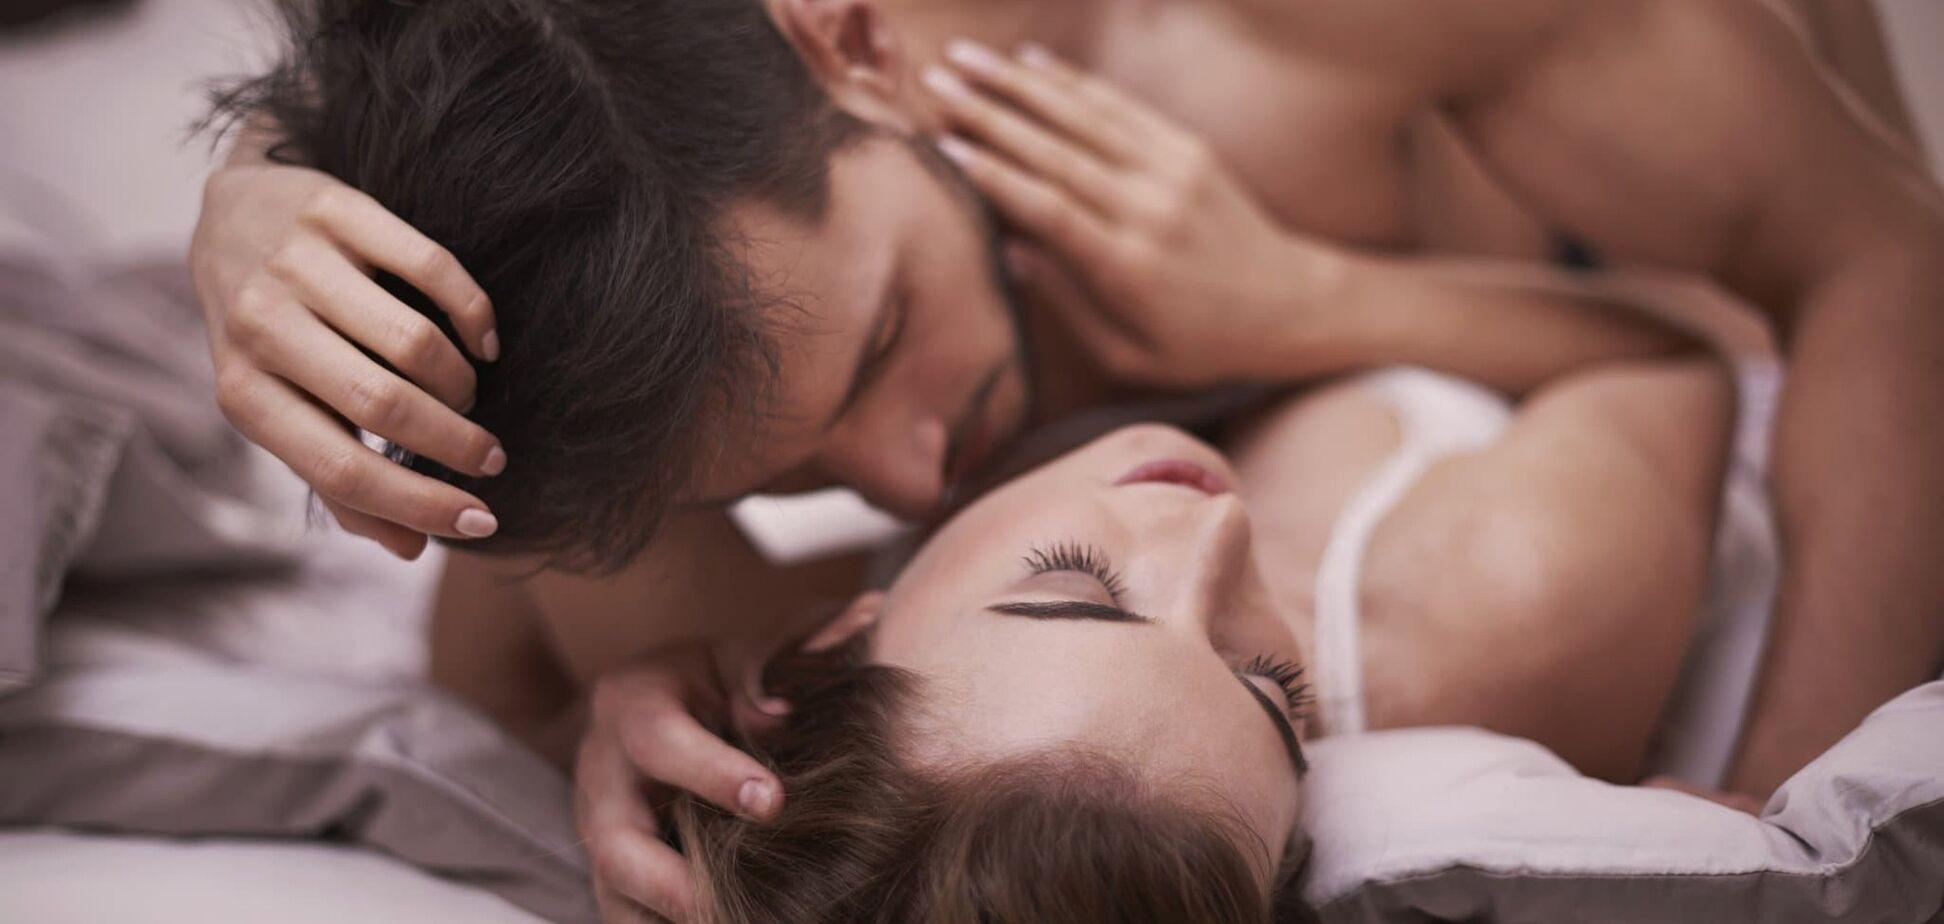 Секс-эксперт развеяла популярные мифы об интимных игрушках